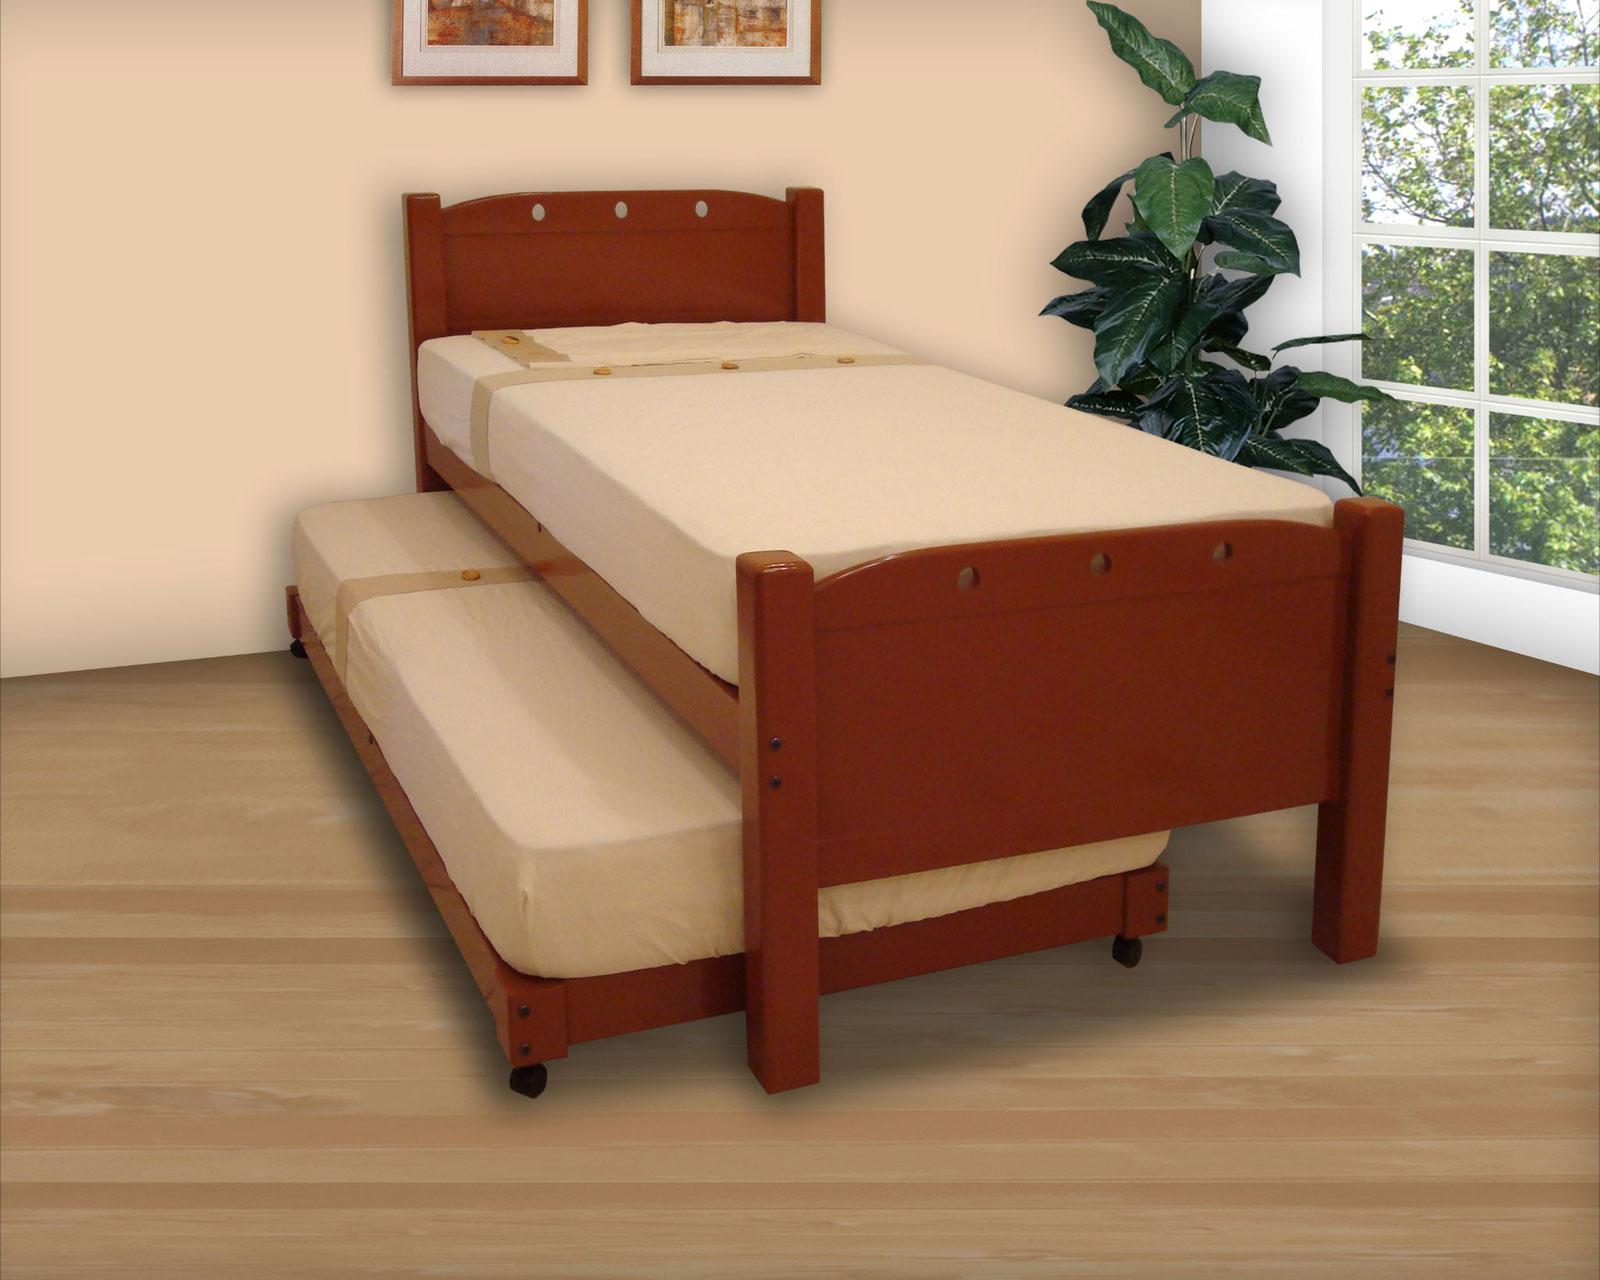 Camas dobles muebles gm muebles de madera for Almacenes de camas en ibague